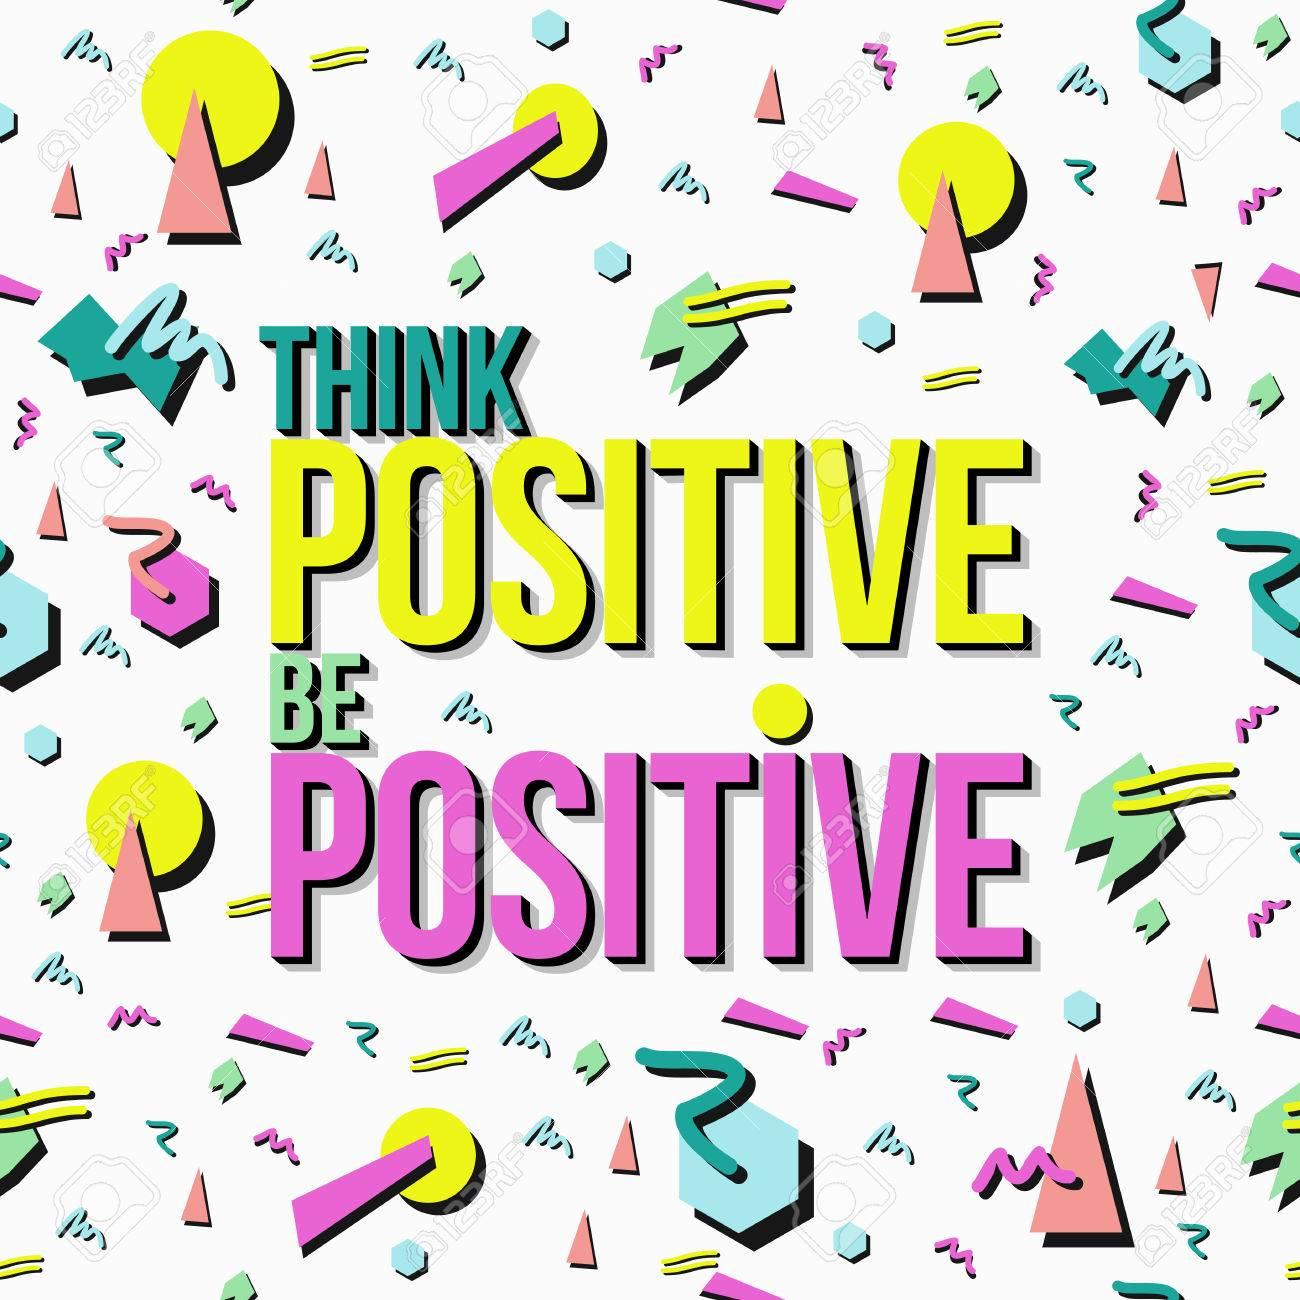 Penser Et être Positif Affiche De Citation Inspirée Positivité Notion Texte Avec Un Fond Rétro Années 90 De Style Memphis